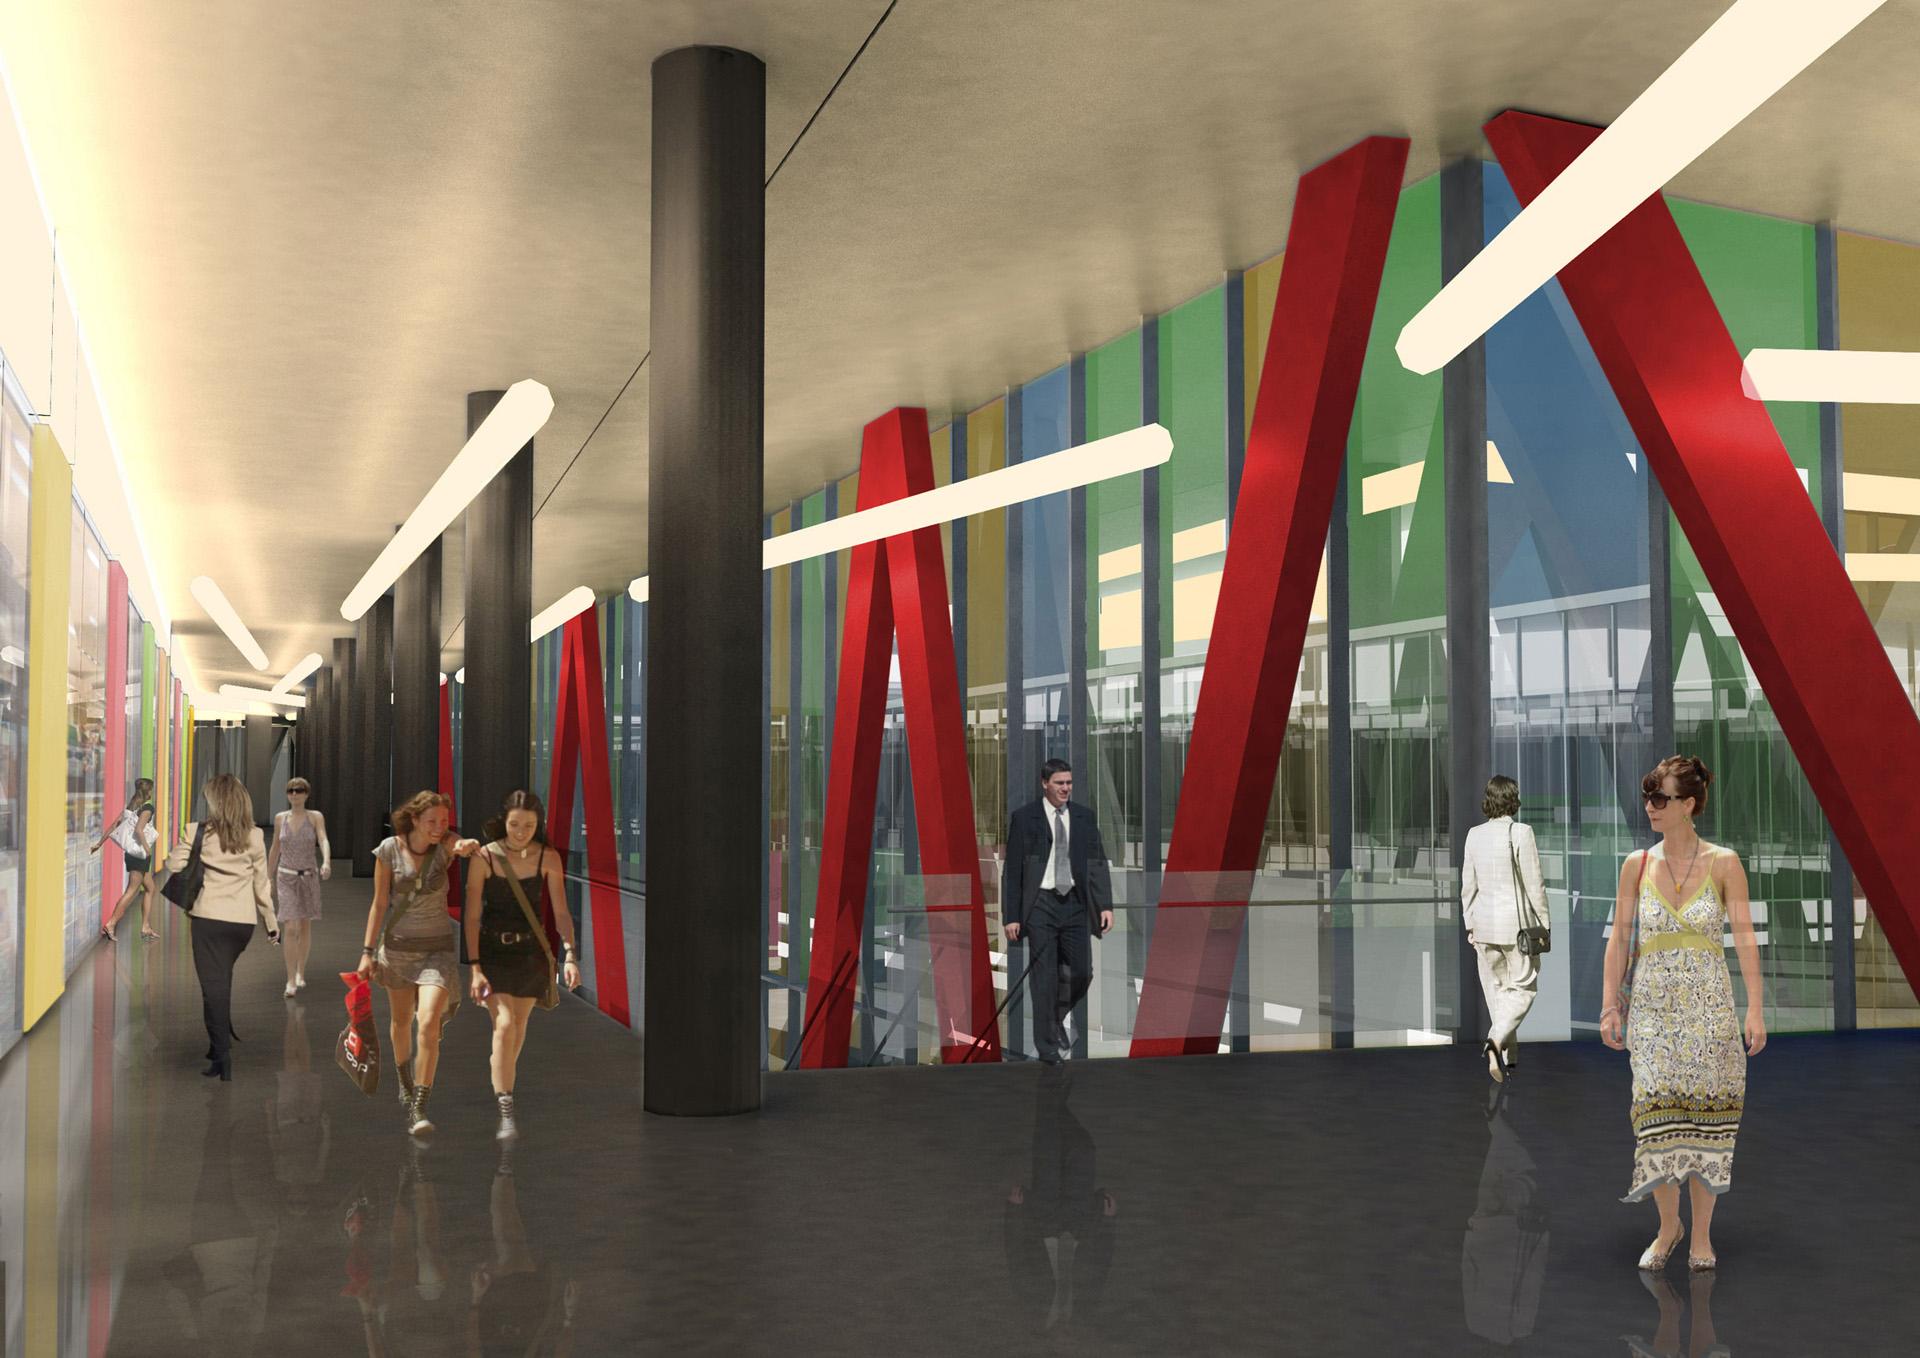 Centrum handlowe. Mińsk Mazowiecki. Projekt architektoniczny Baza Architekci.